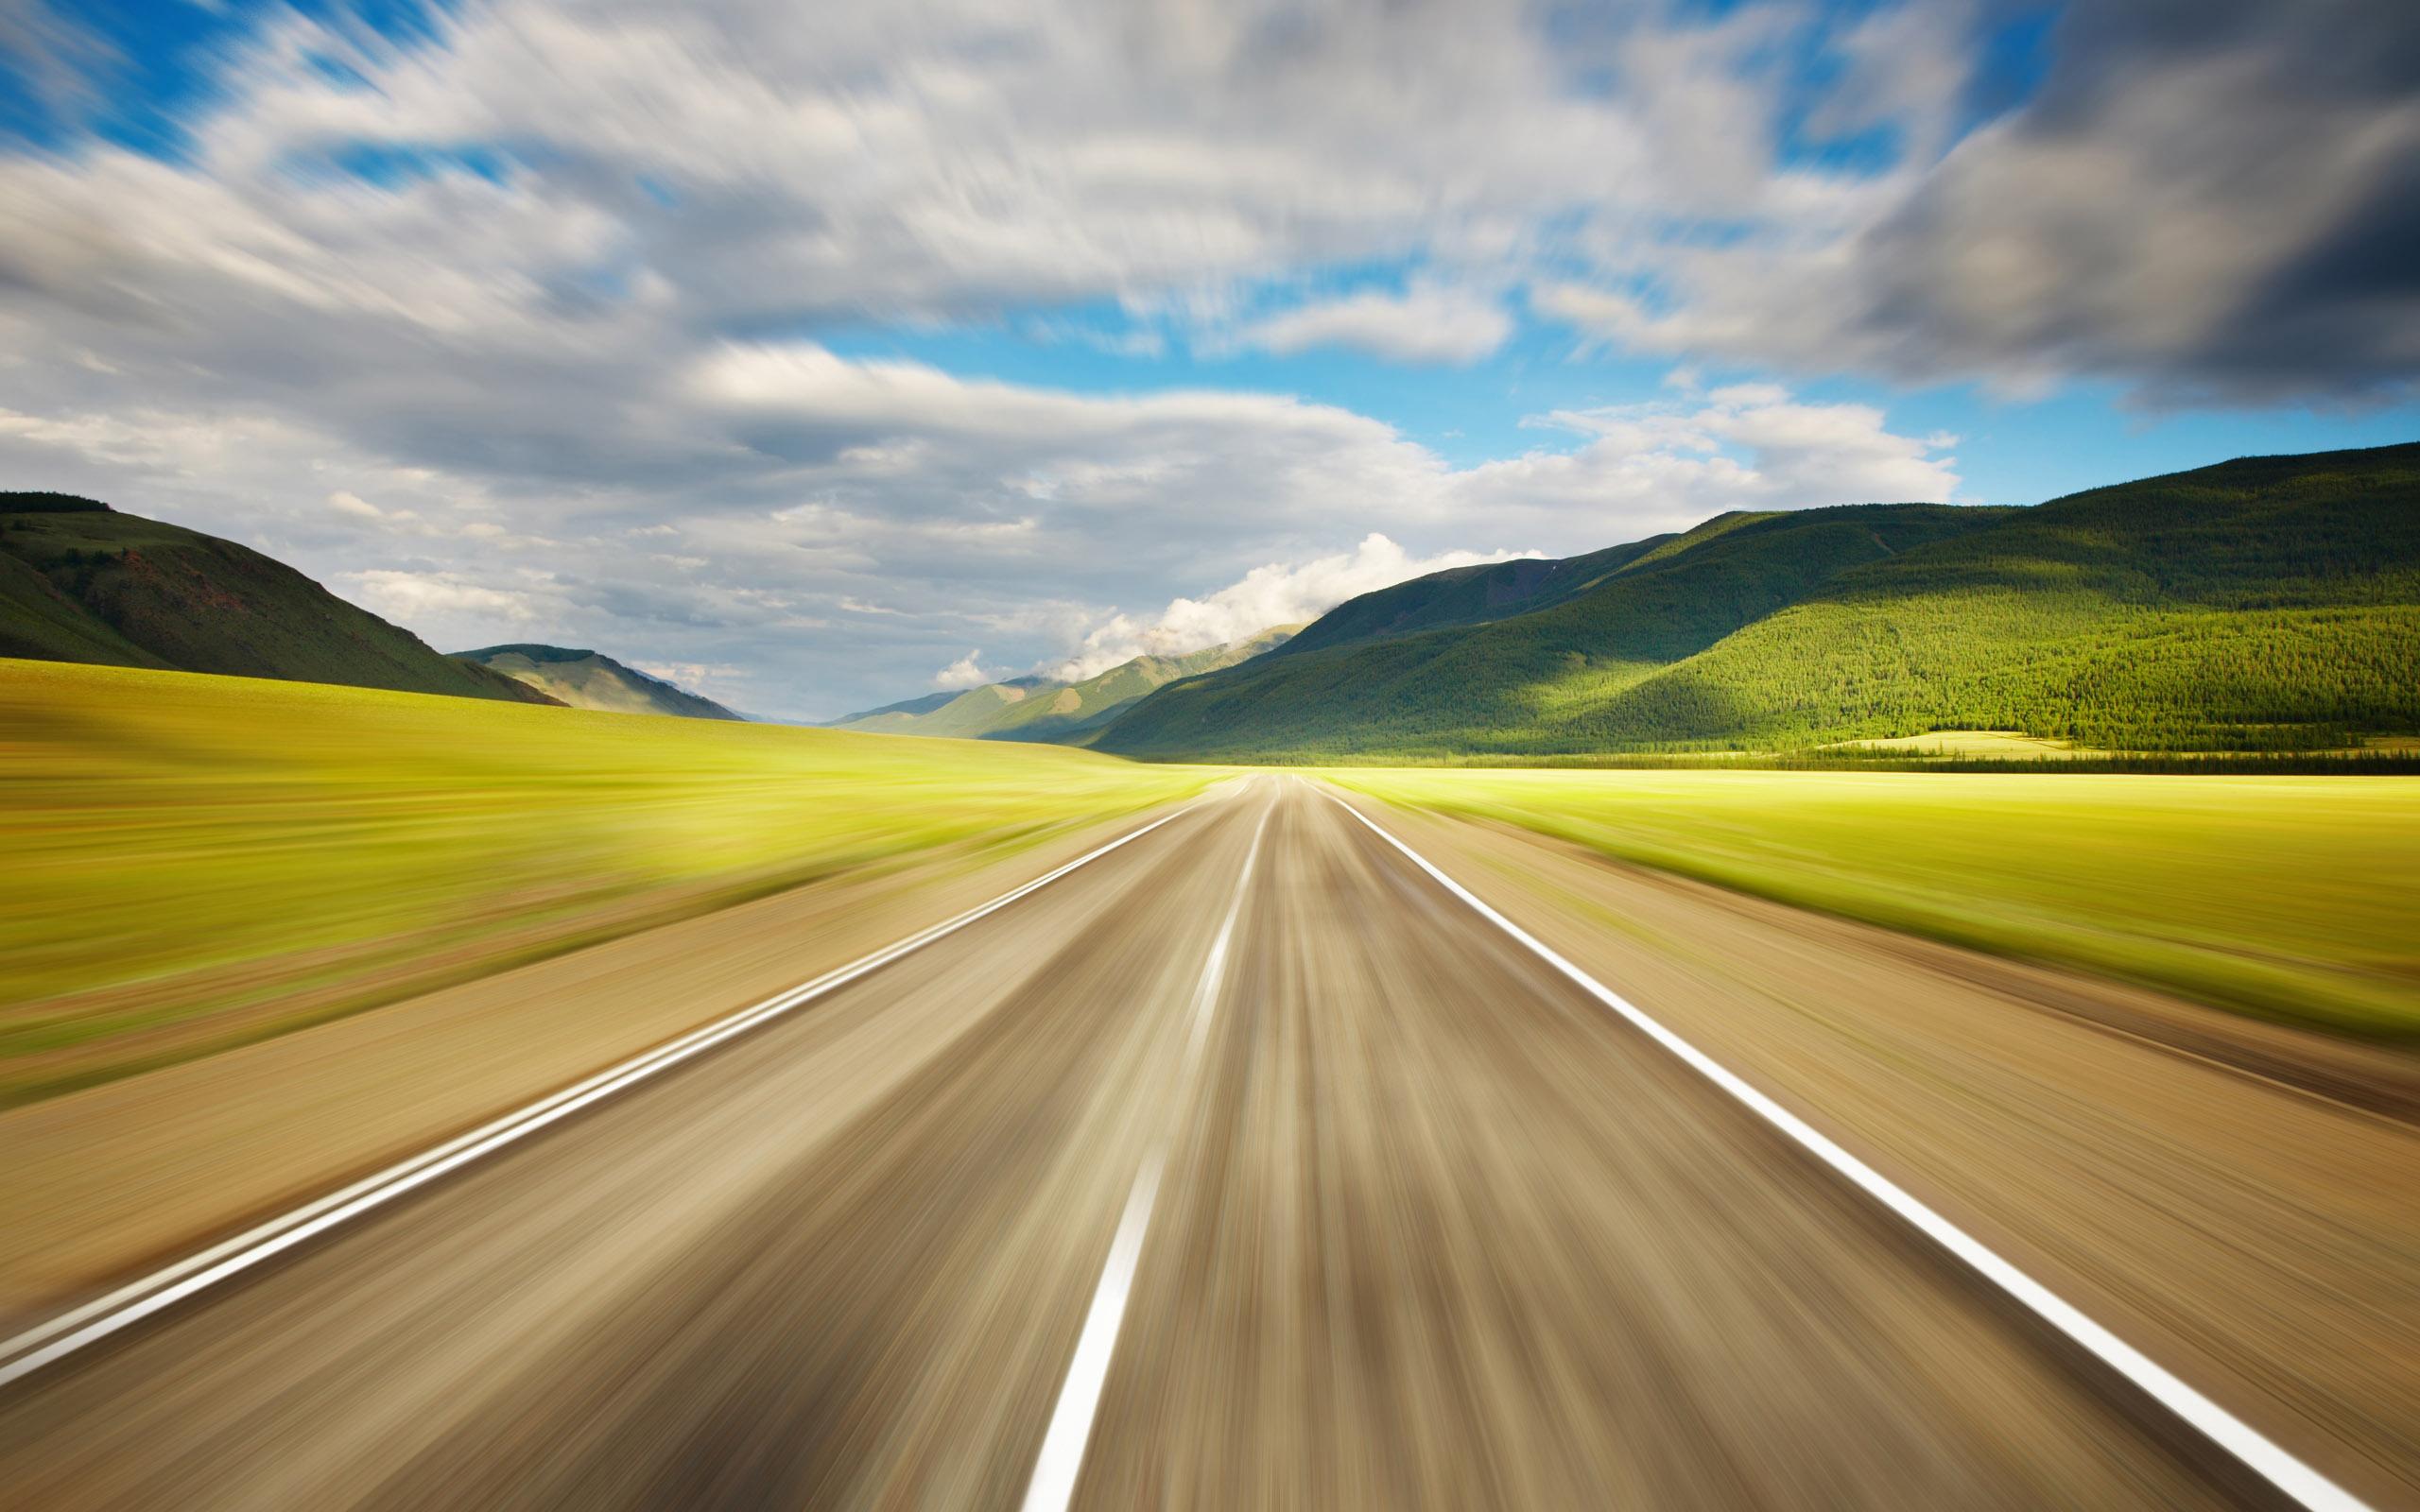 прямая асфальтова дорога, белая дорожная разметка, скачать фото, обои на рабочий стол, road wallpaper